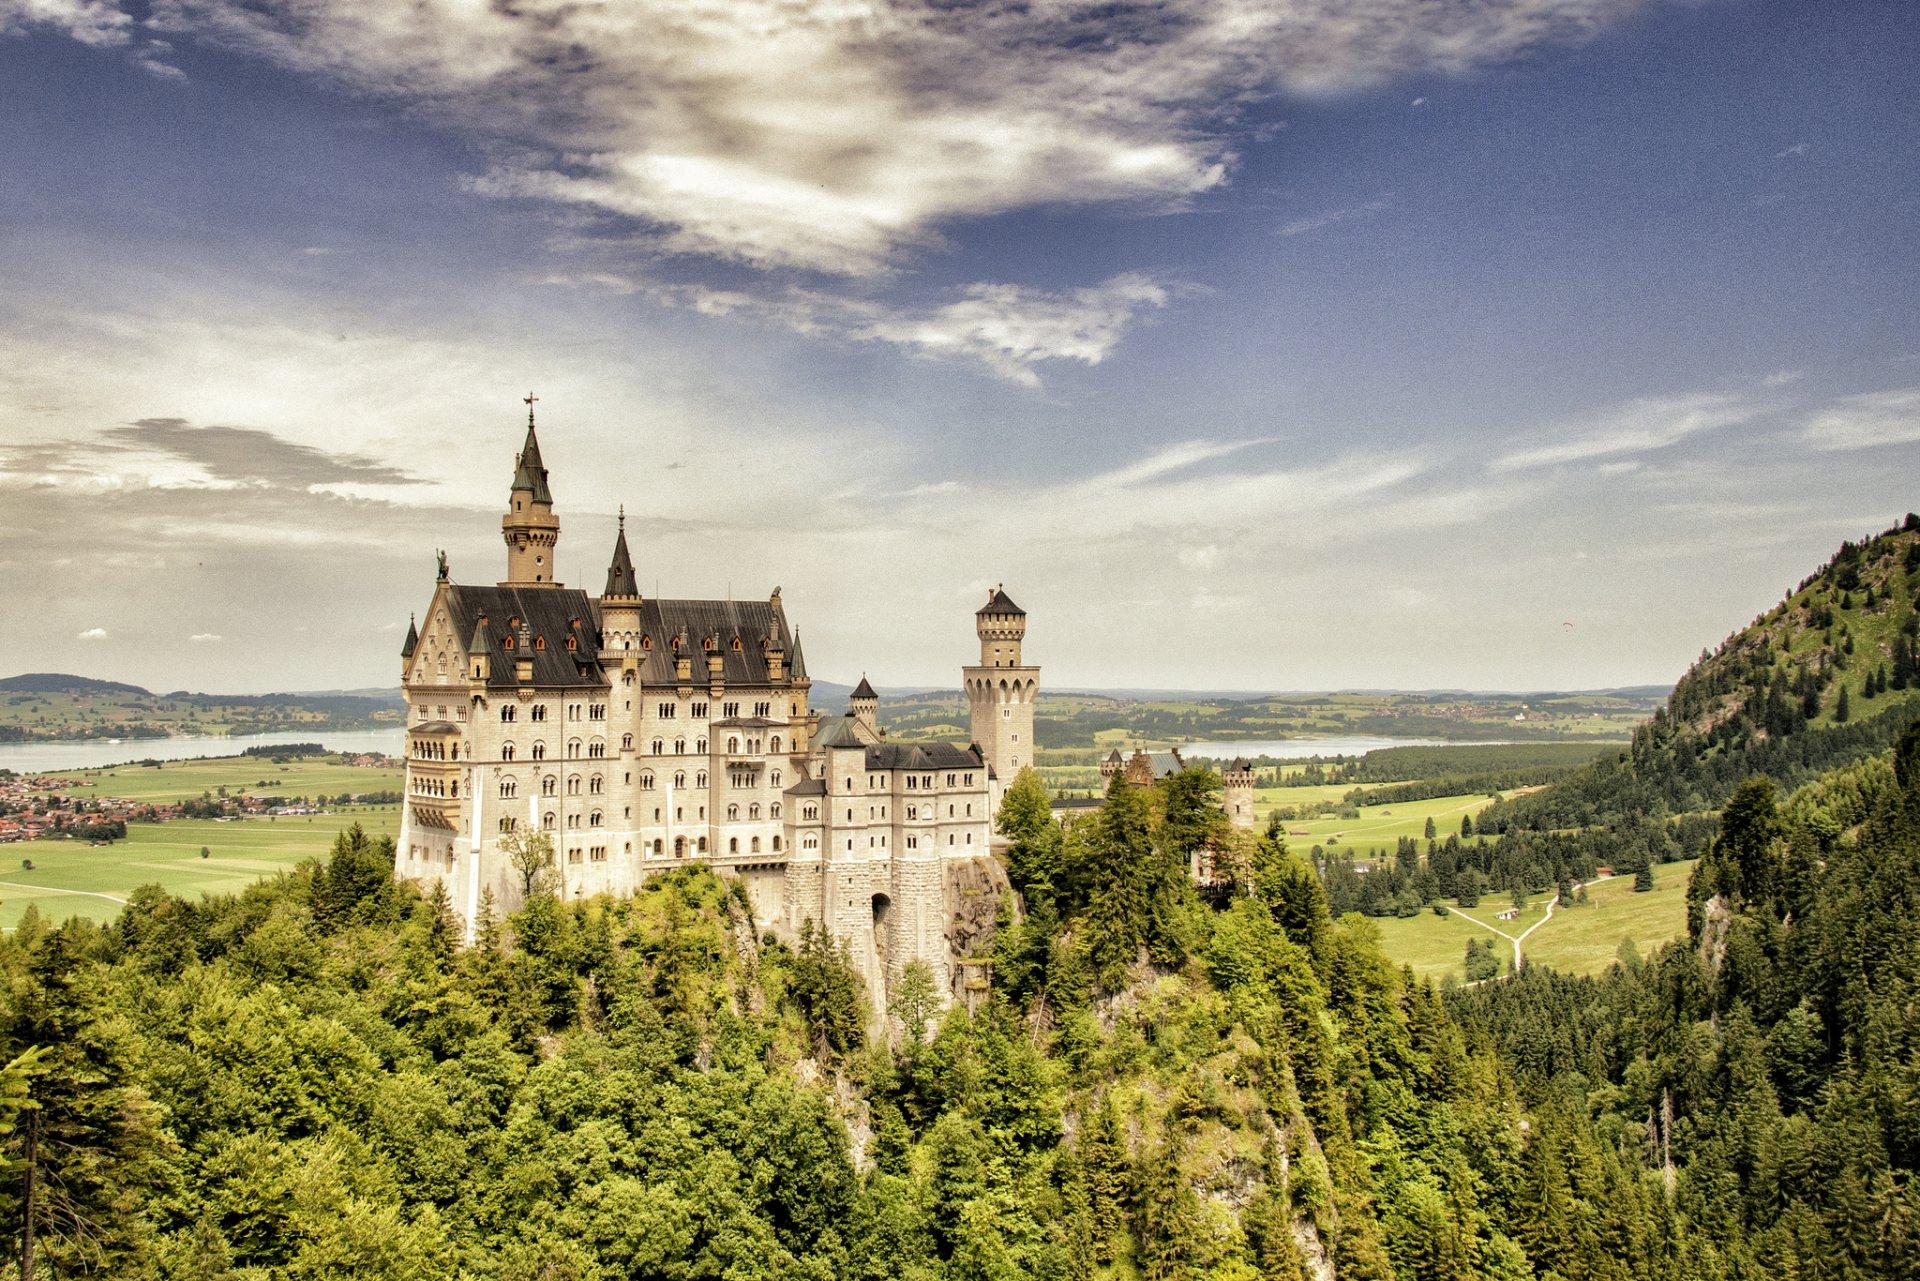 Обои юго-западная, бавария, германия, замок. Города foto 8